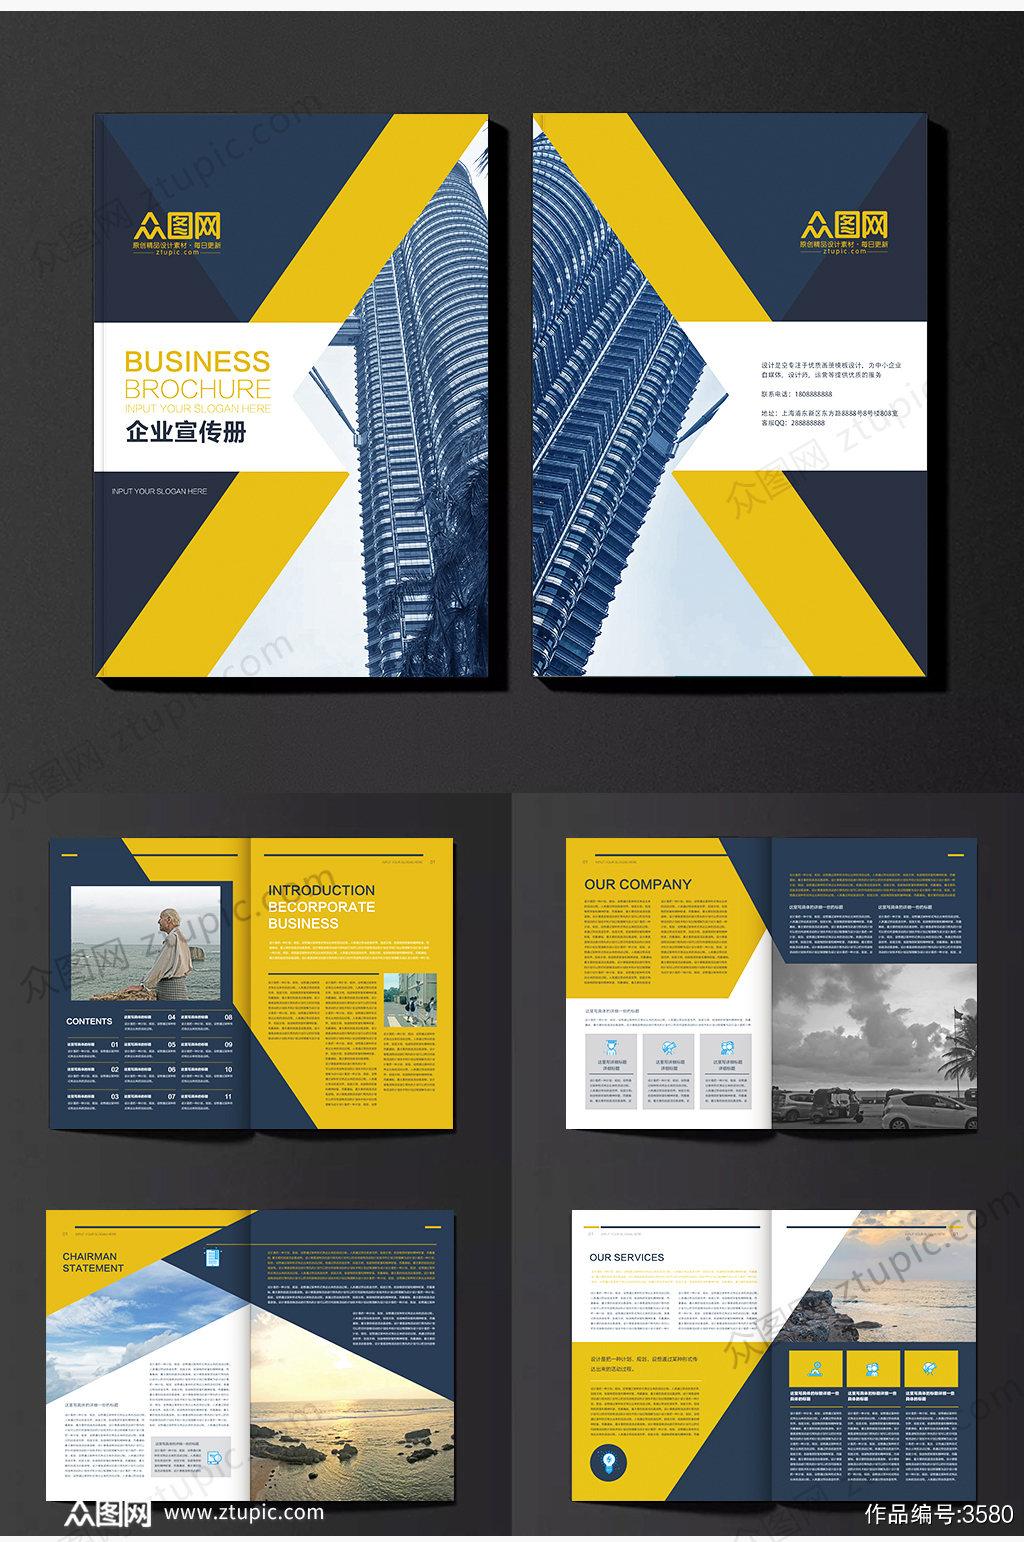 黄色时尚大气的企业画册设计素材